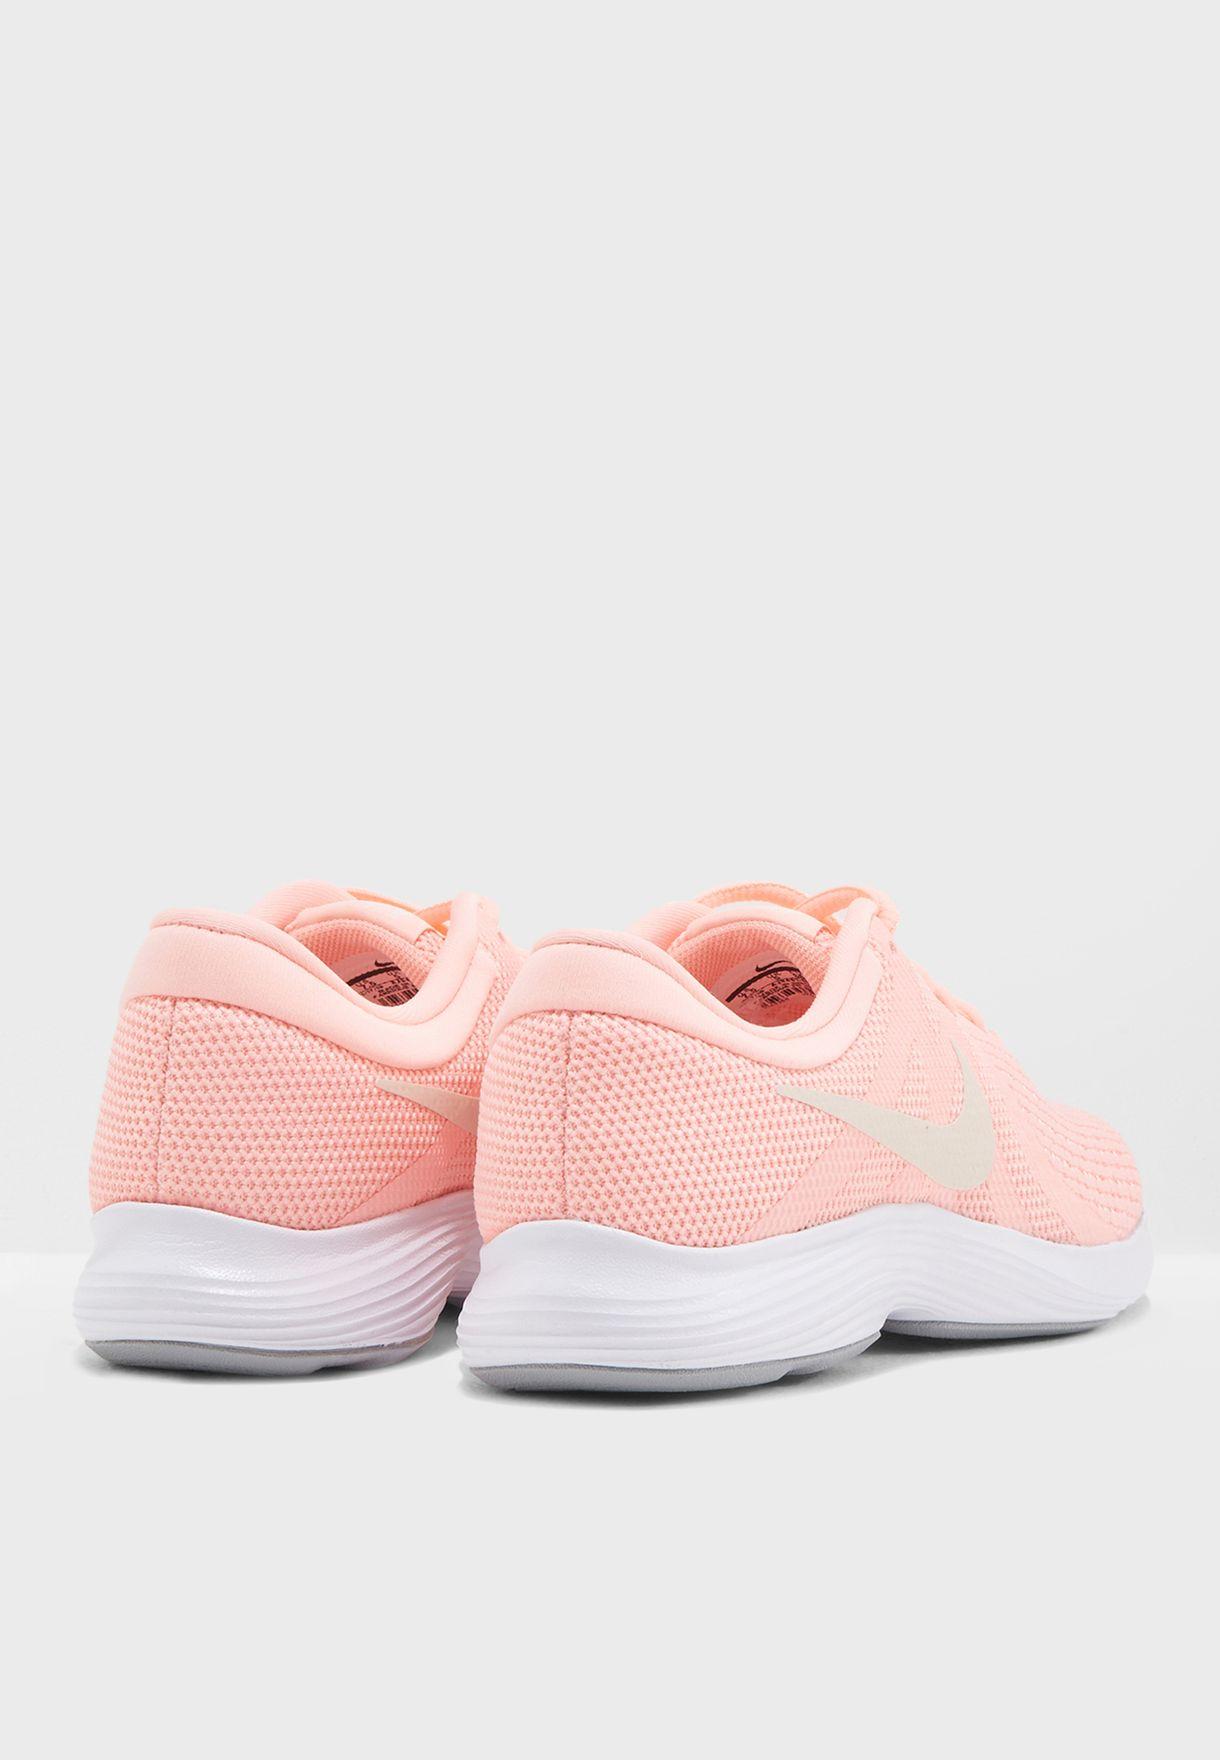 حذاء ريفولوشن 4 اي يو